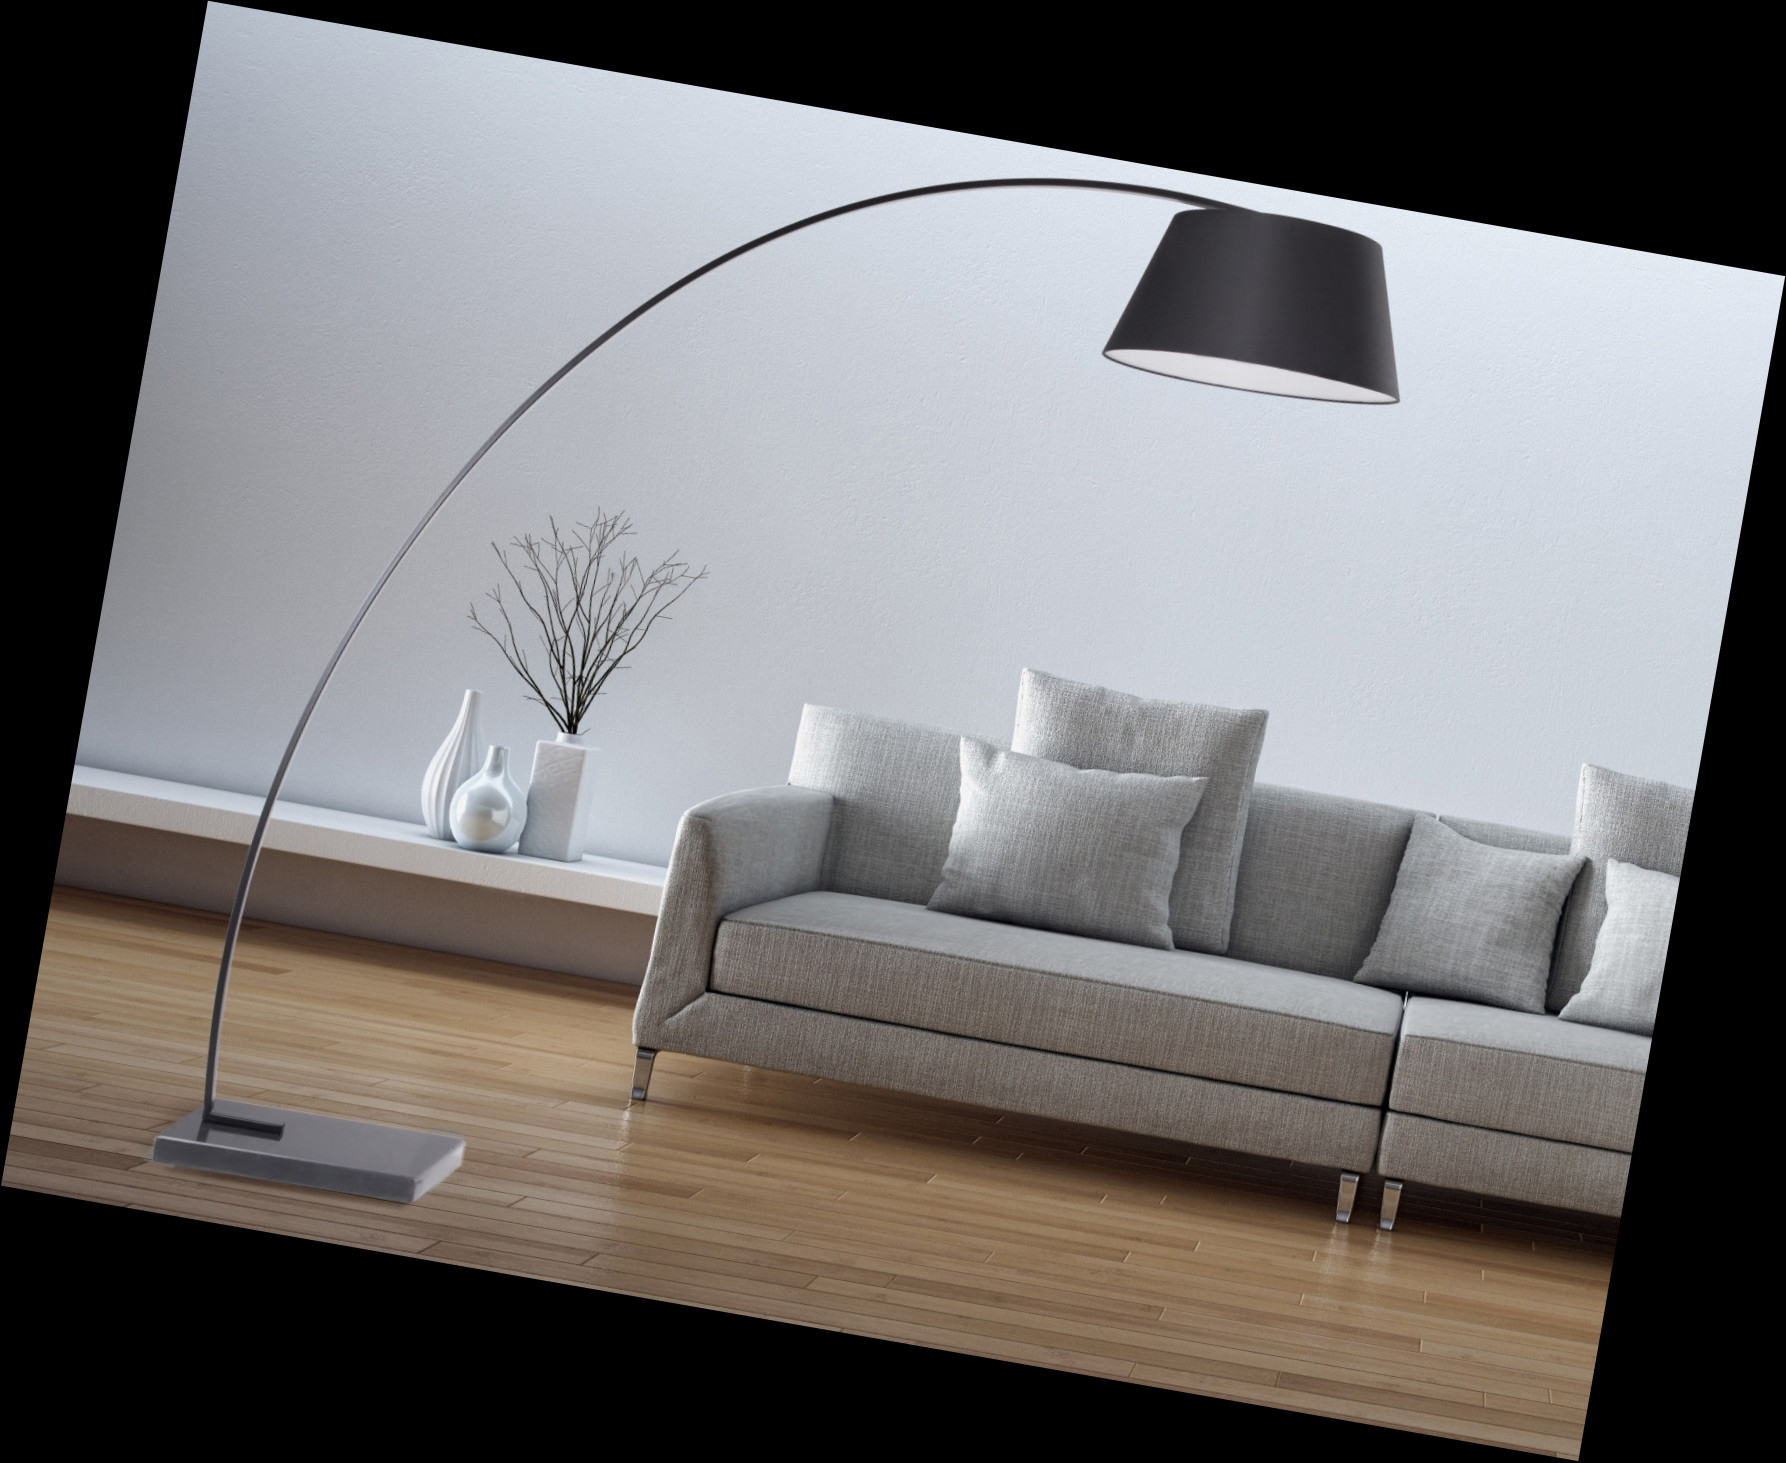 Protection Antiglisse Fauteuil Et Canapé Inspirant Photographie Lampe Liseuse Sur Piedml 2018